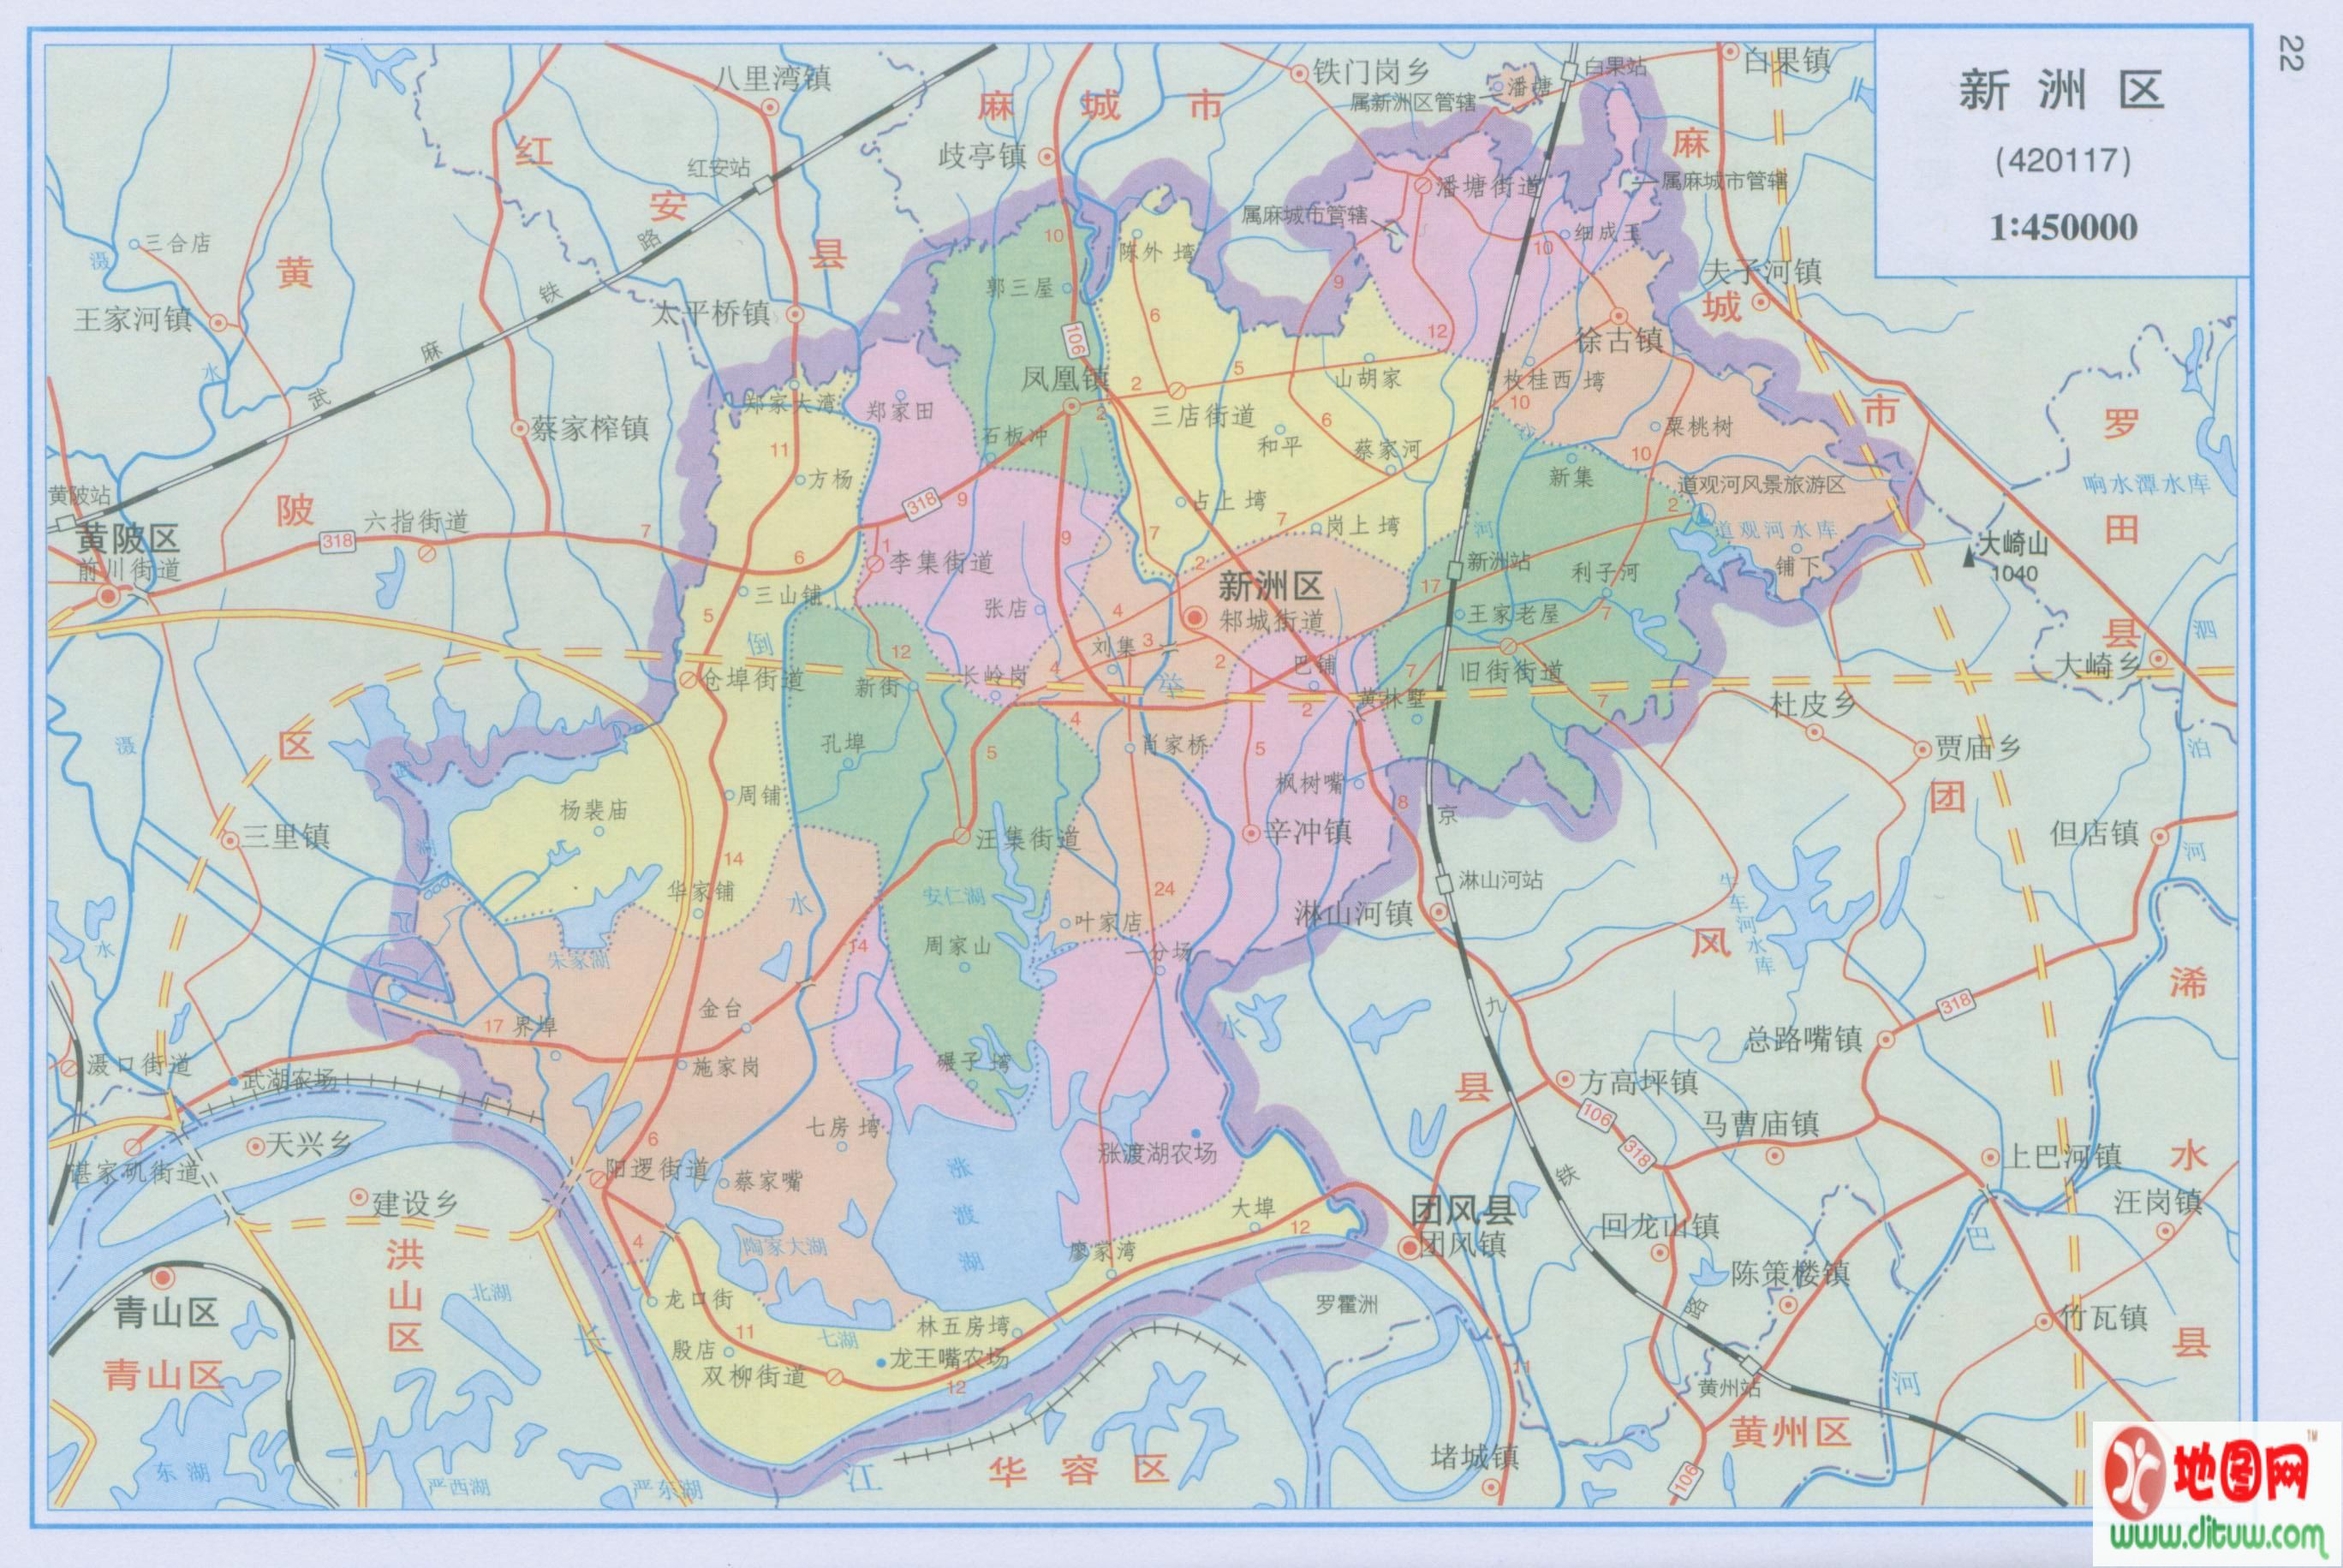 武汉市新洲区地图